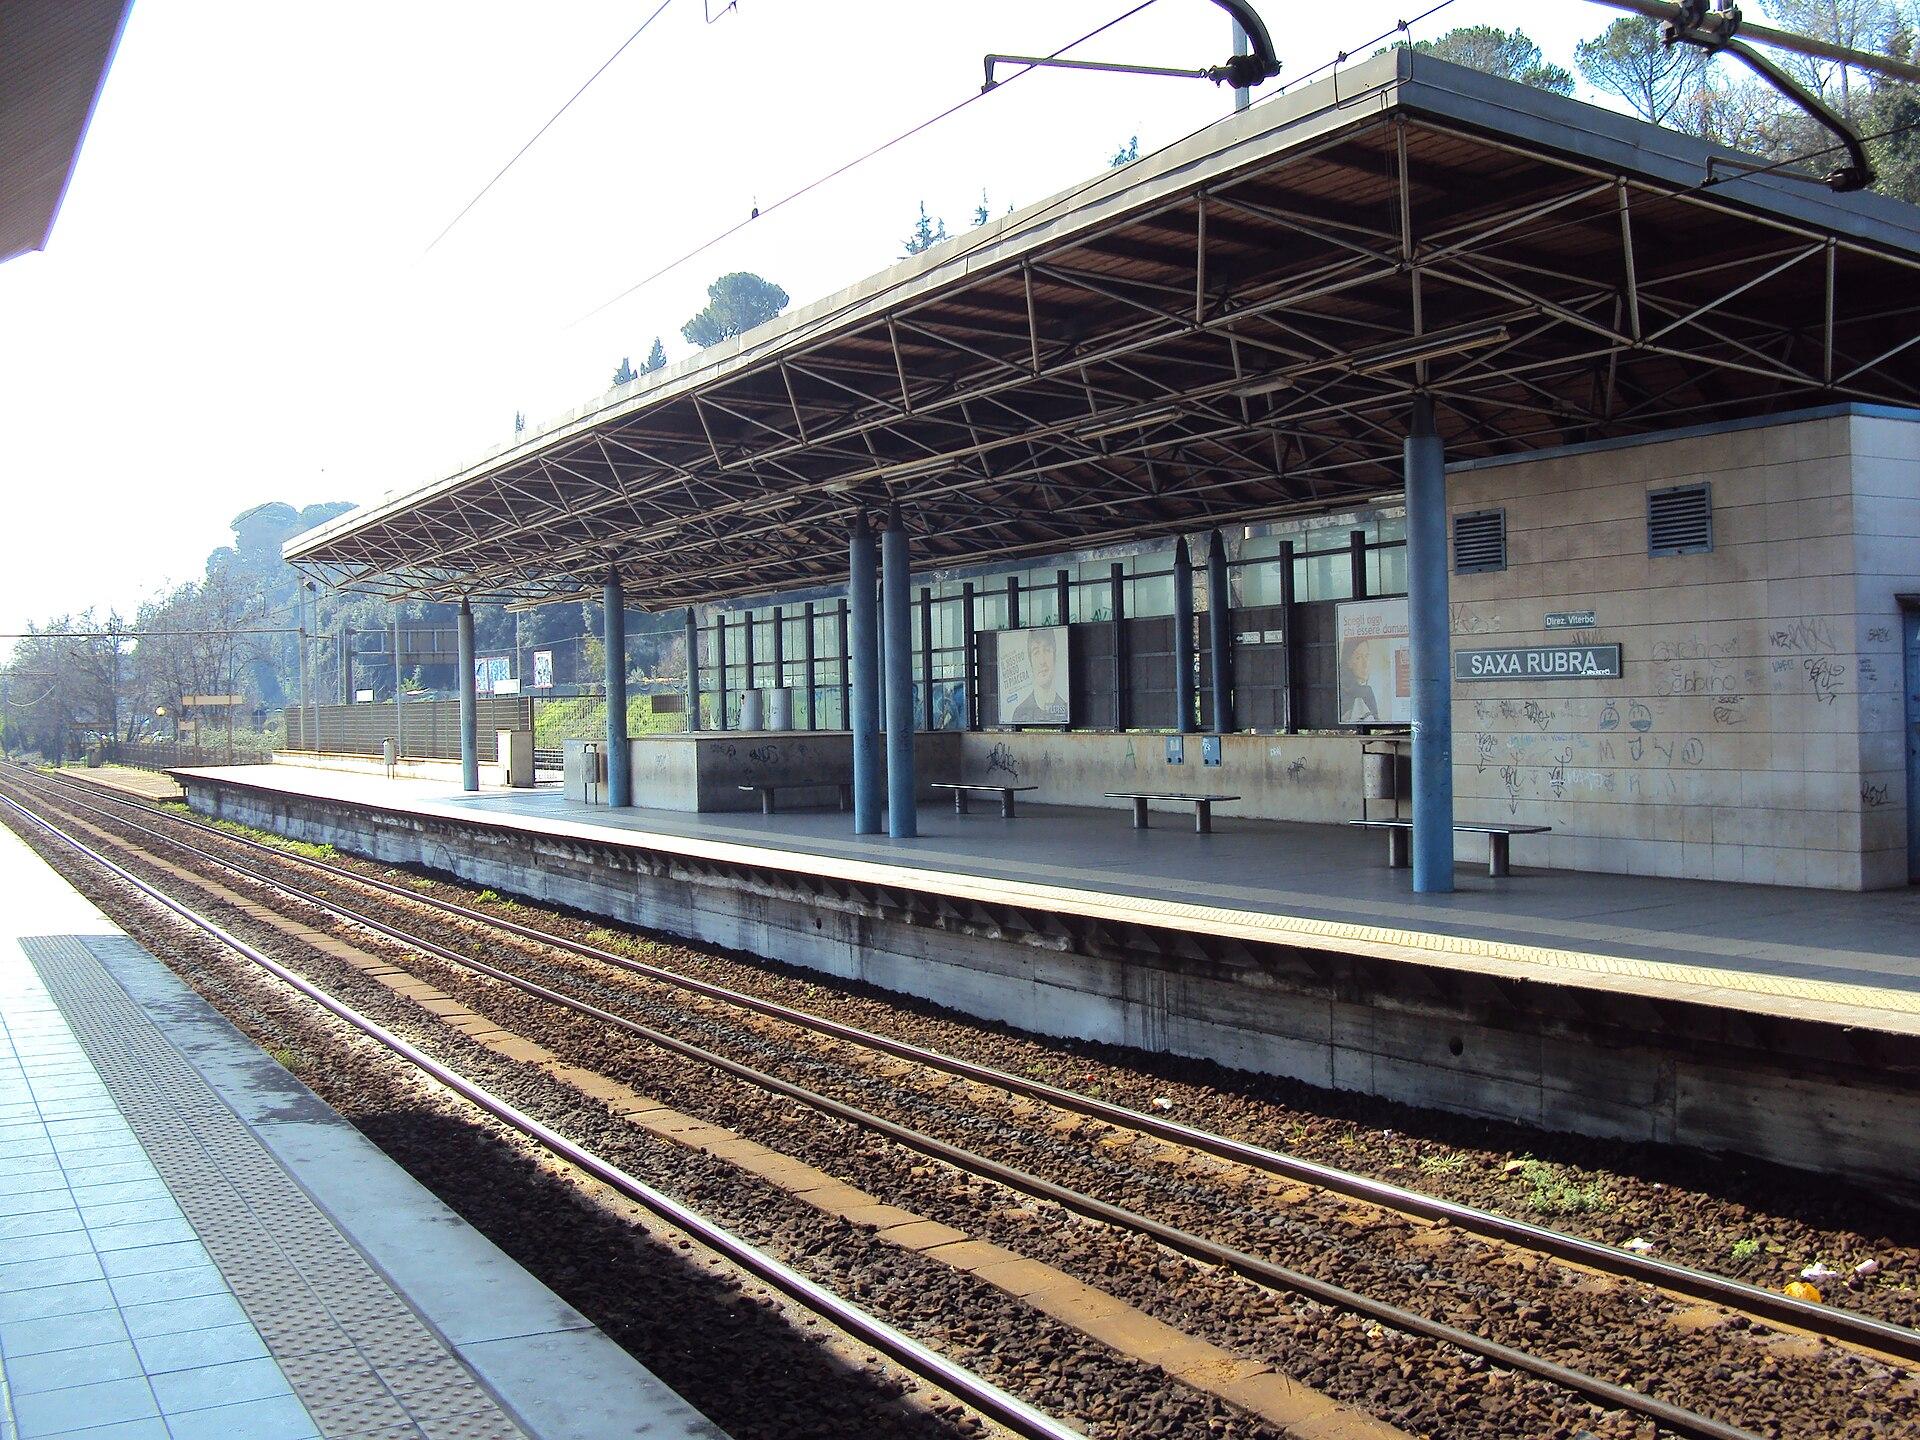 Stazione di saxa rubra wikipedia - Autobus prima porta ...